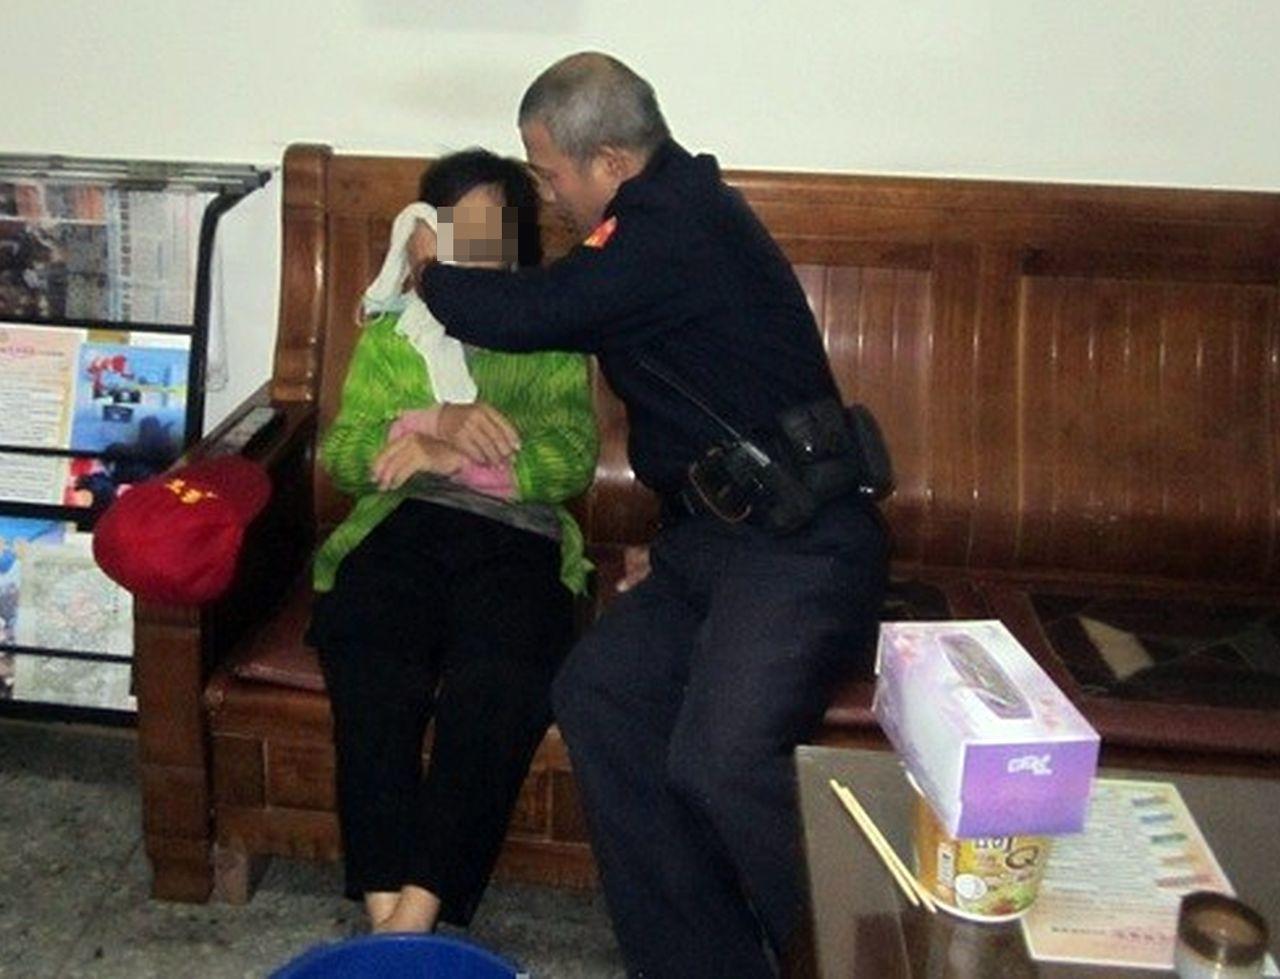 警方怕老婦人失溫,用熱毛巾幫婦人擦臉,提供泡麵及溫開水。圖/記者趙容萱翻攝